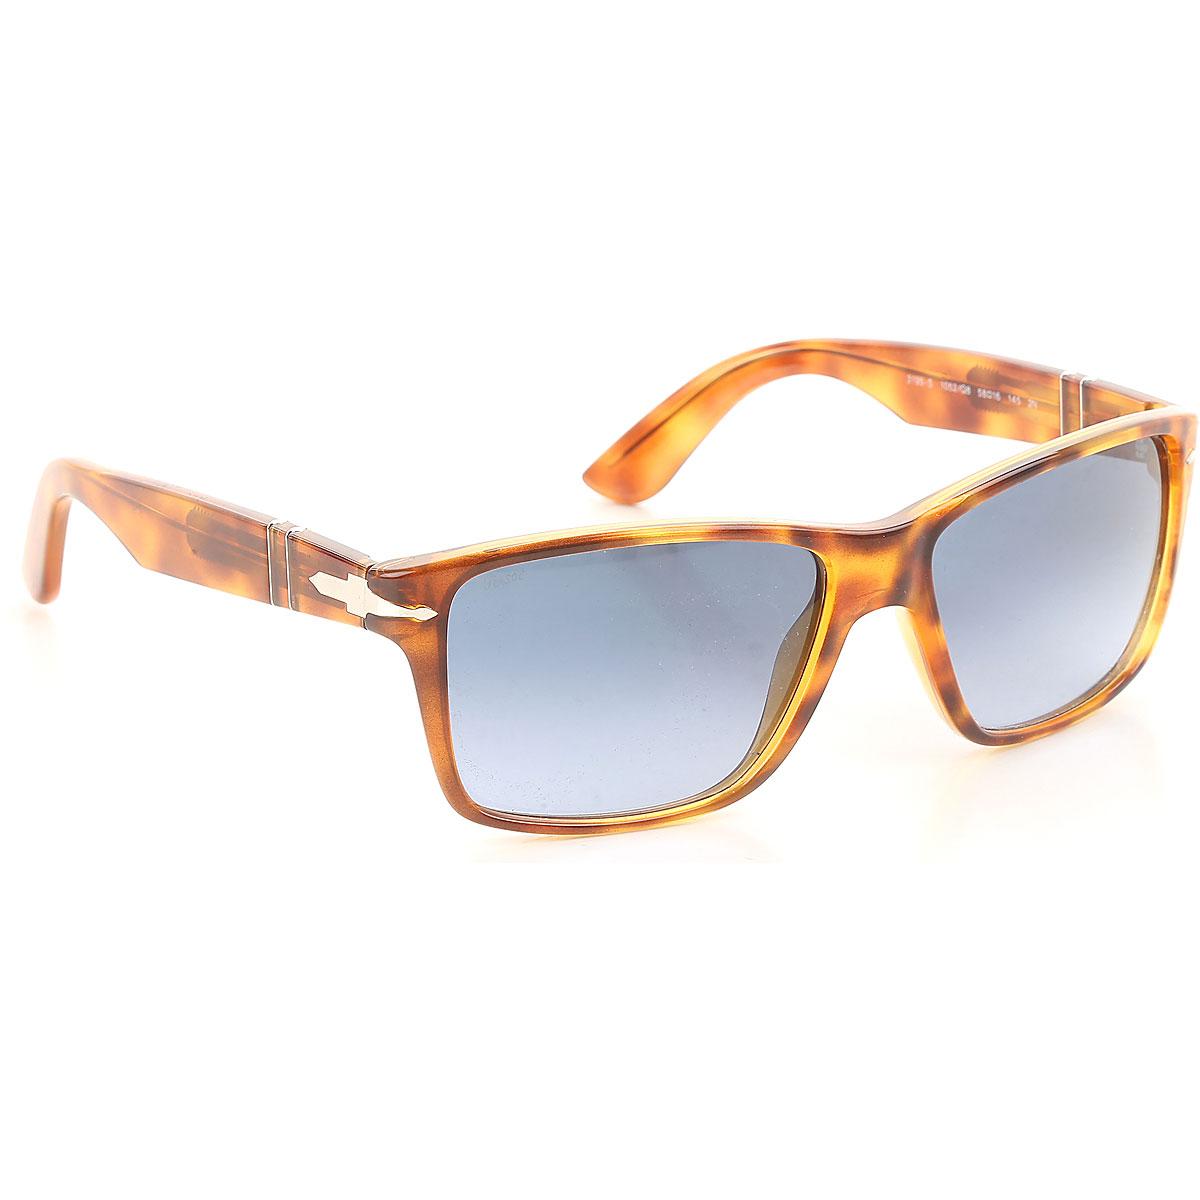 Image of Persol Sunglasses On Sale, Havana, 2017